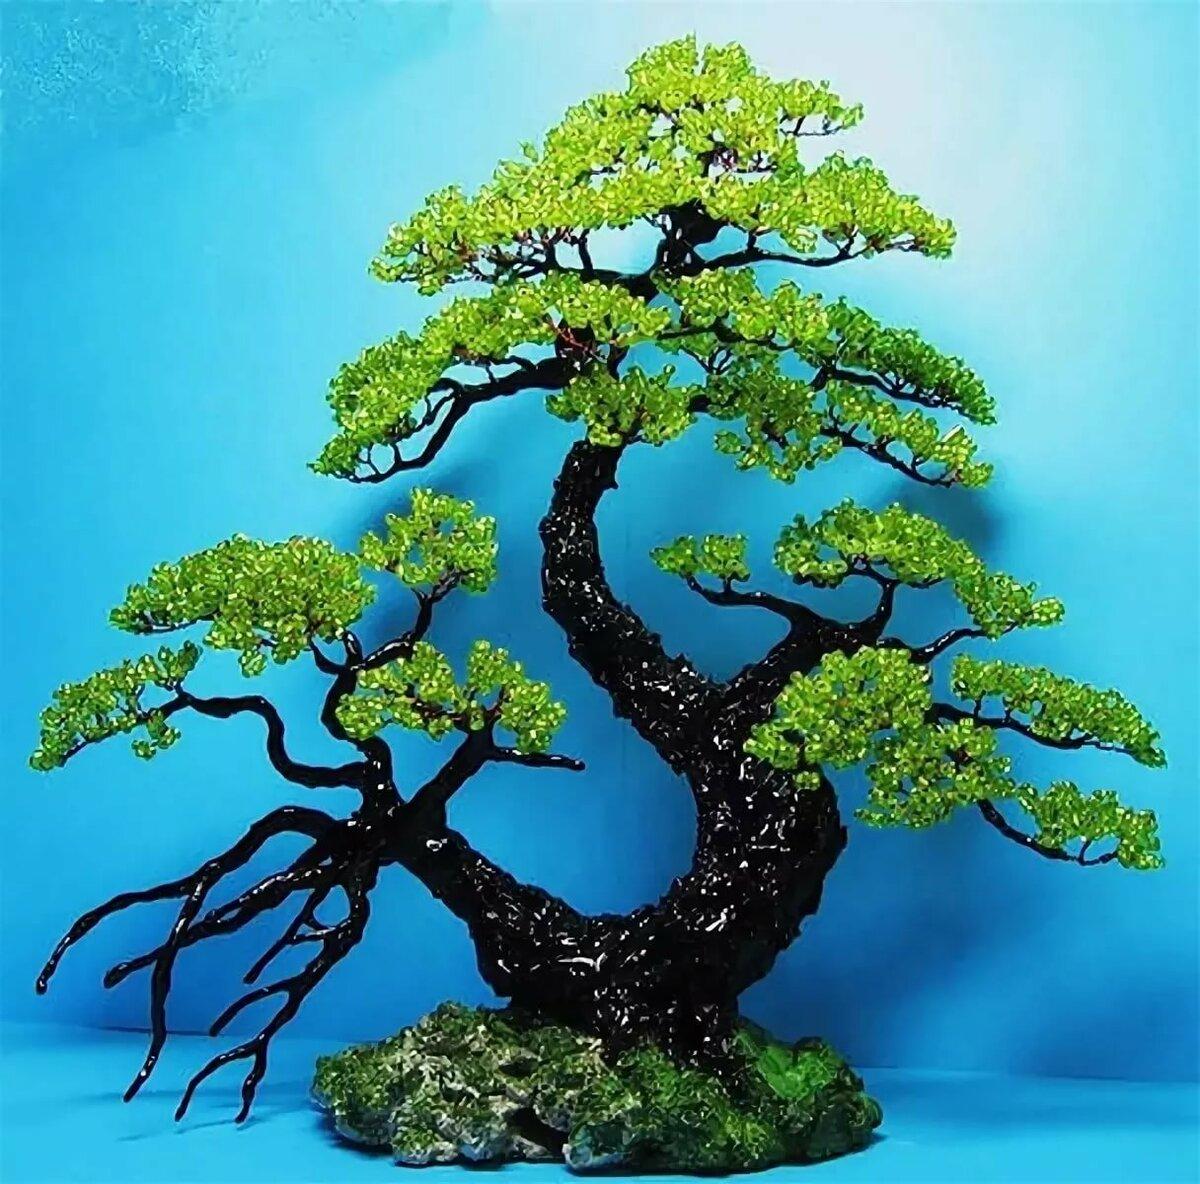 Картинки деревьев с названиями и цветами жизнь